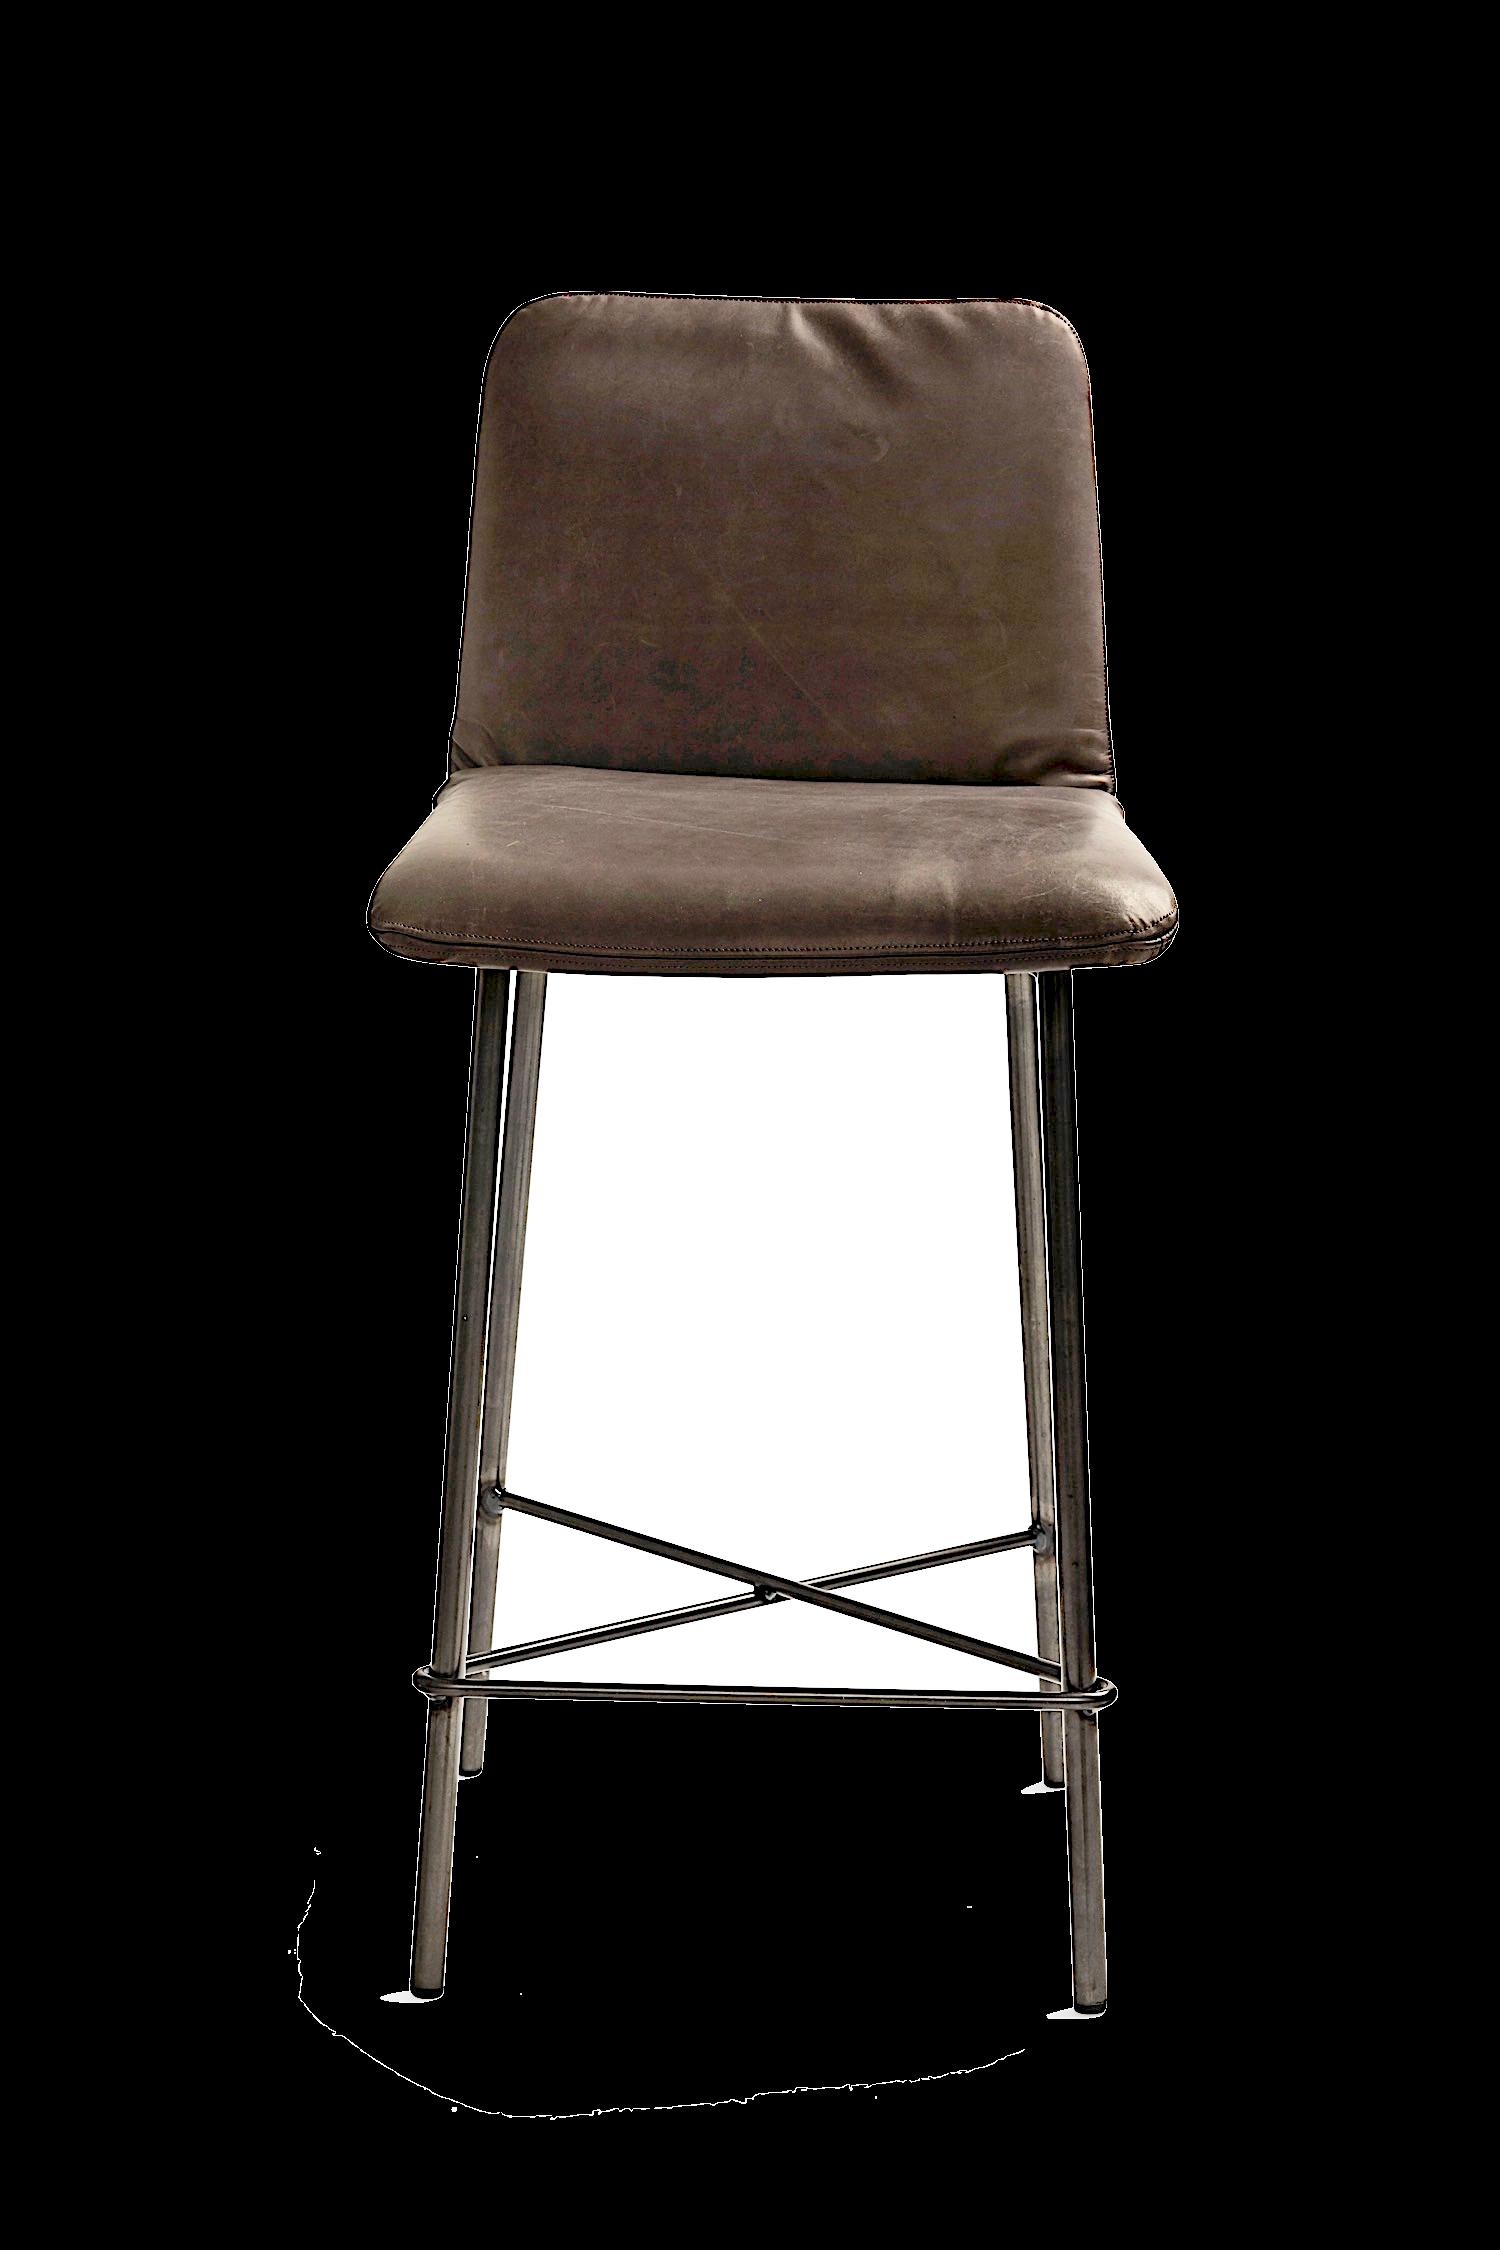 ALPHI barstol 65 eller 75 cm